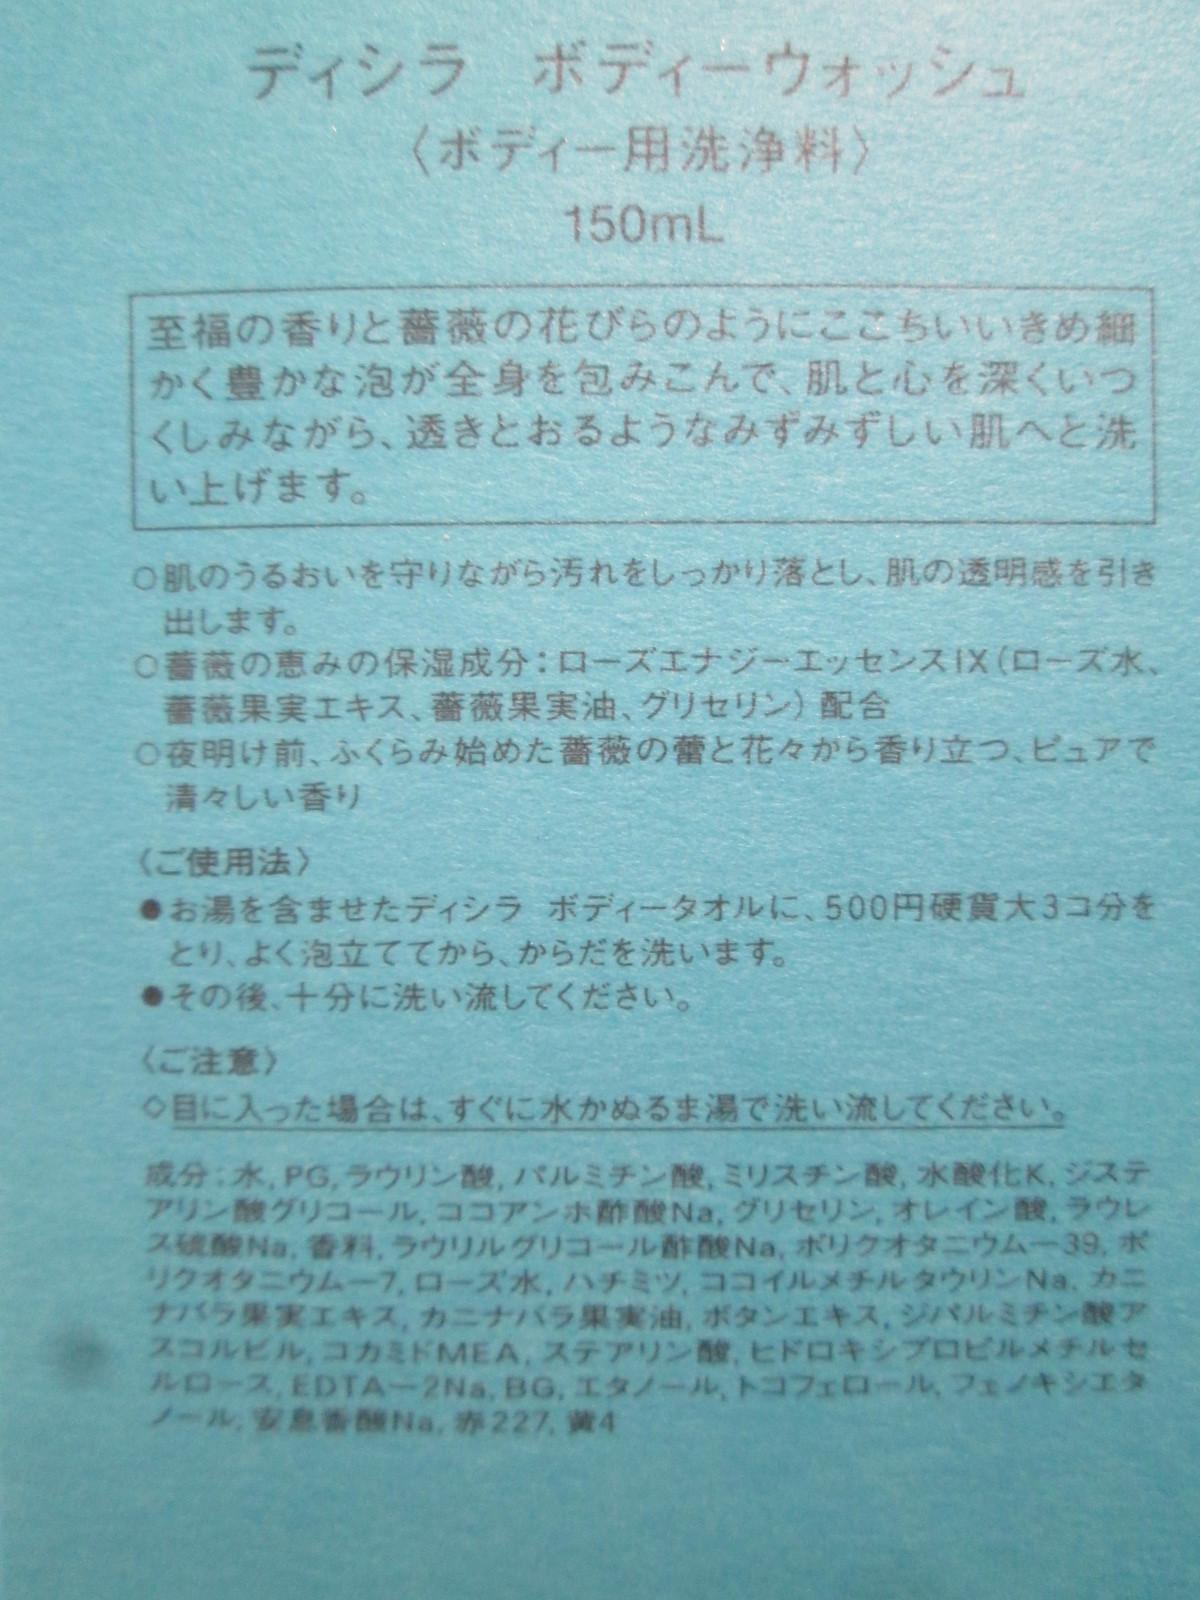 IMG_4495ディシラ (5)